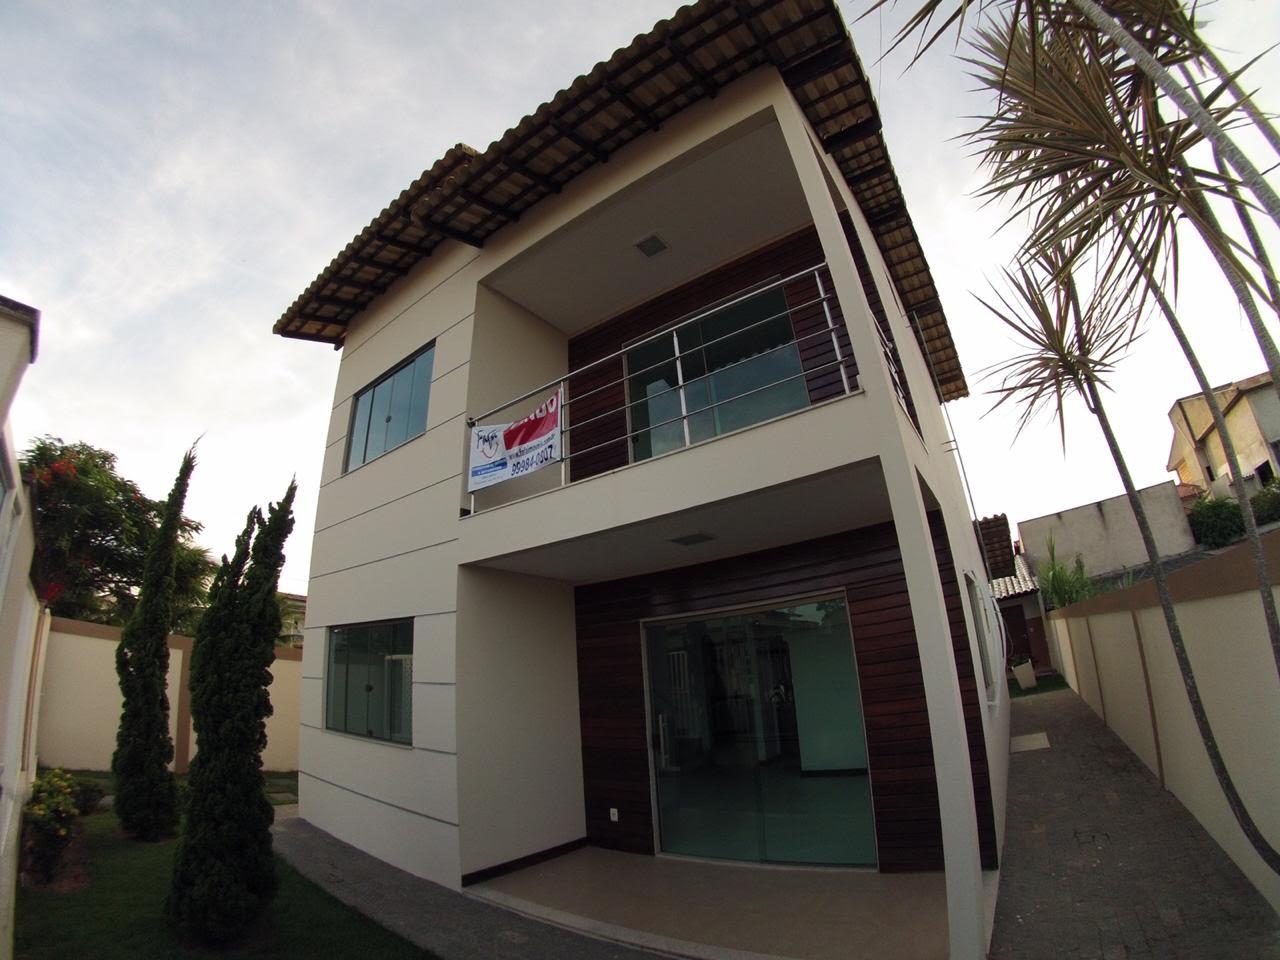 Casa no Bairro Vila Nova – Rua Elias Rangel em Aracruz